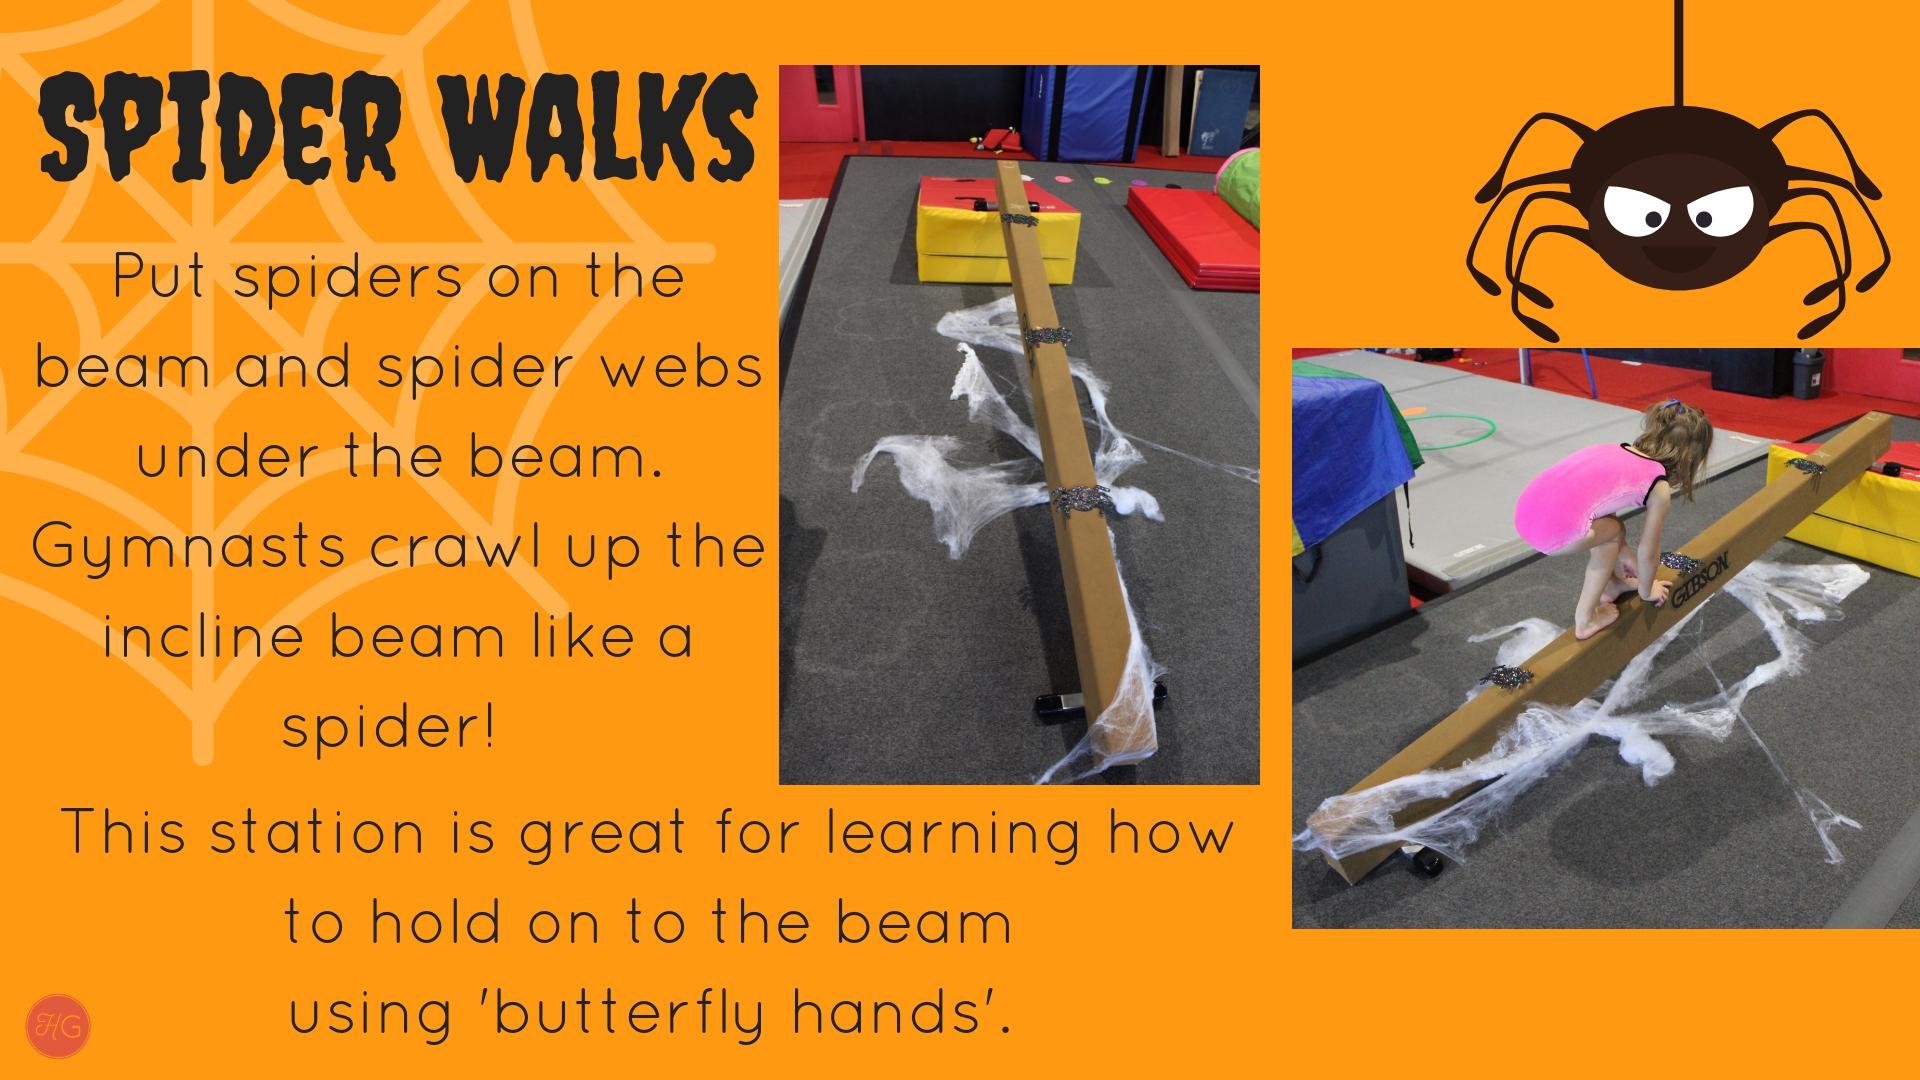 Spider walks.jpg